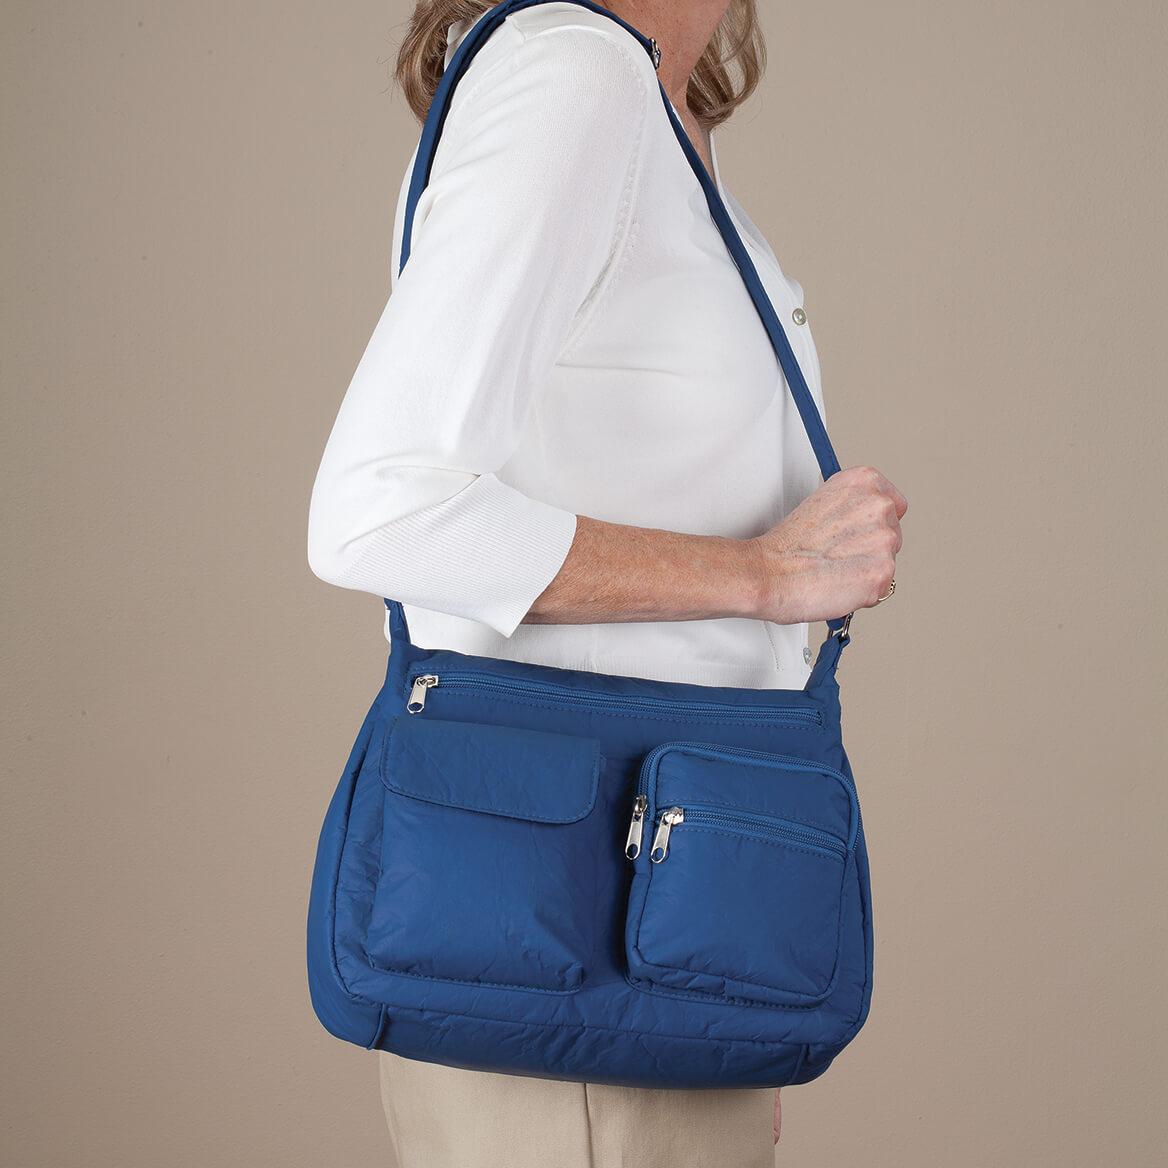 Washable Handbag-348265